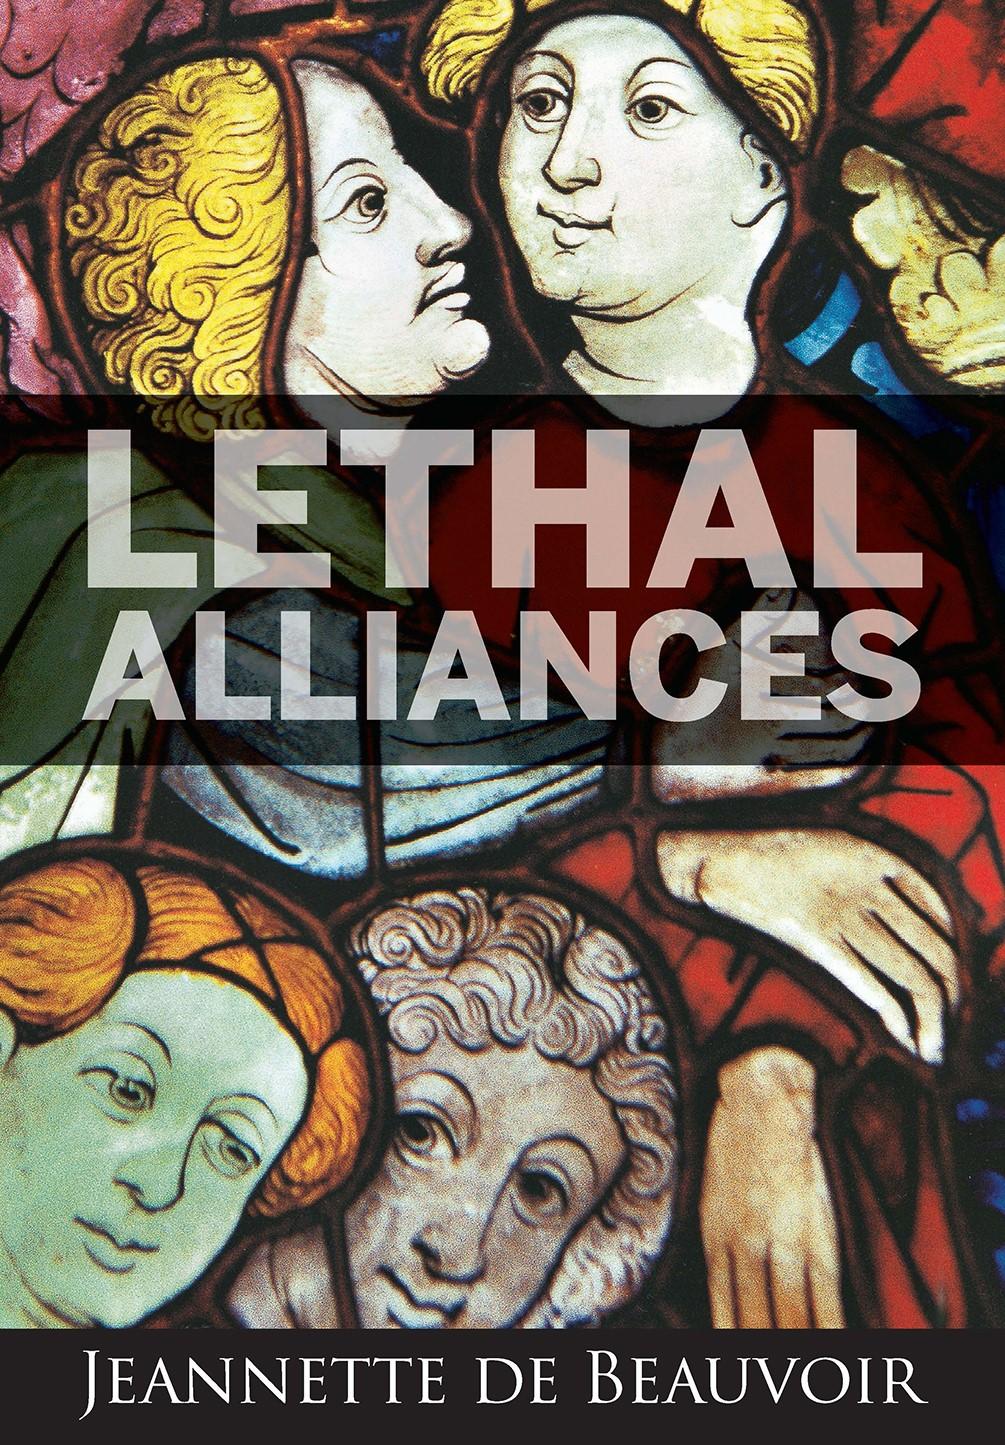 LA Ebook cover 5-14-19.jpg